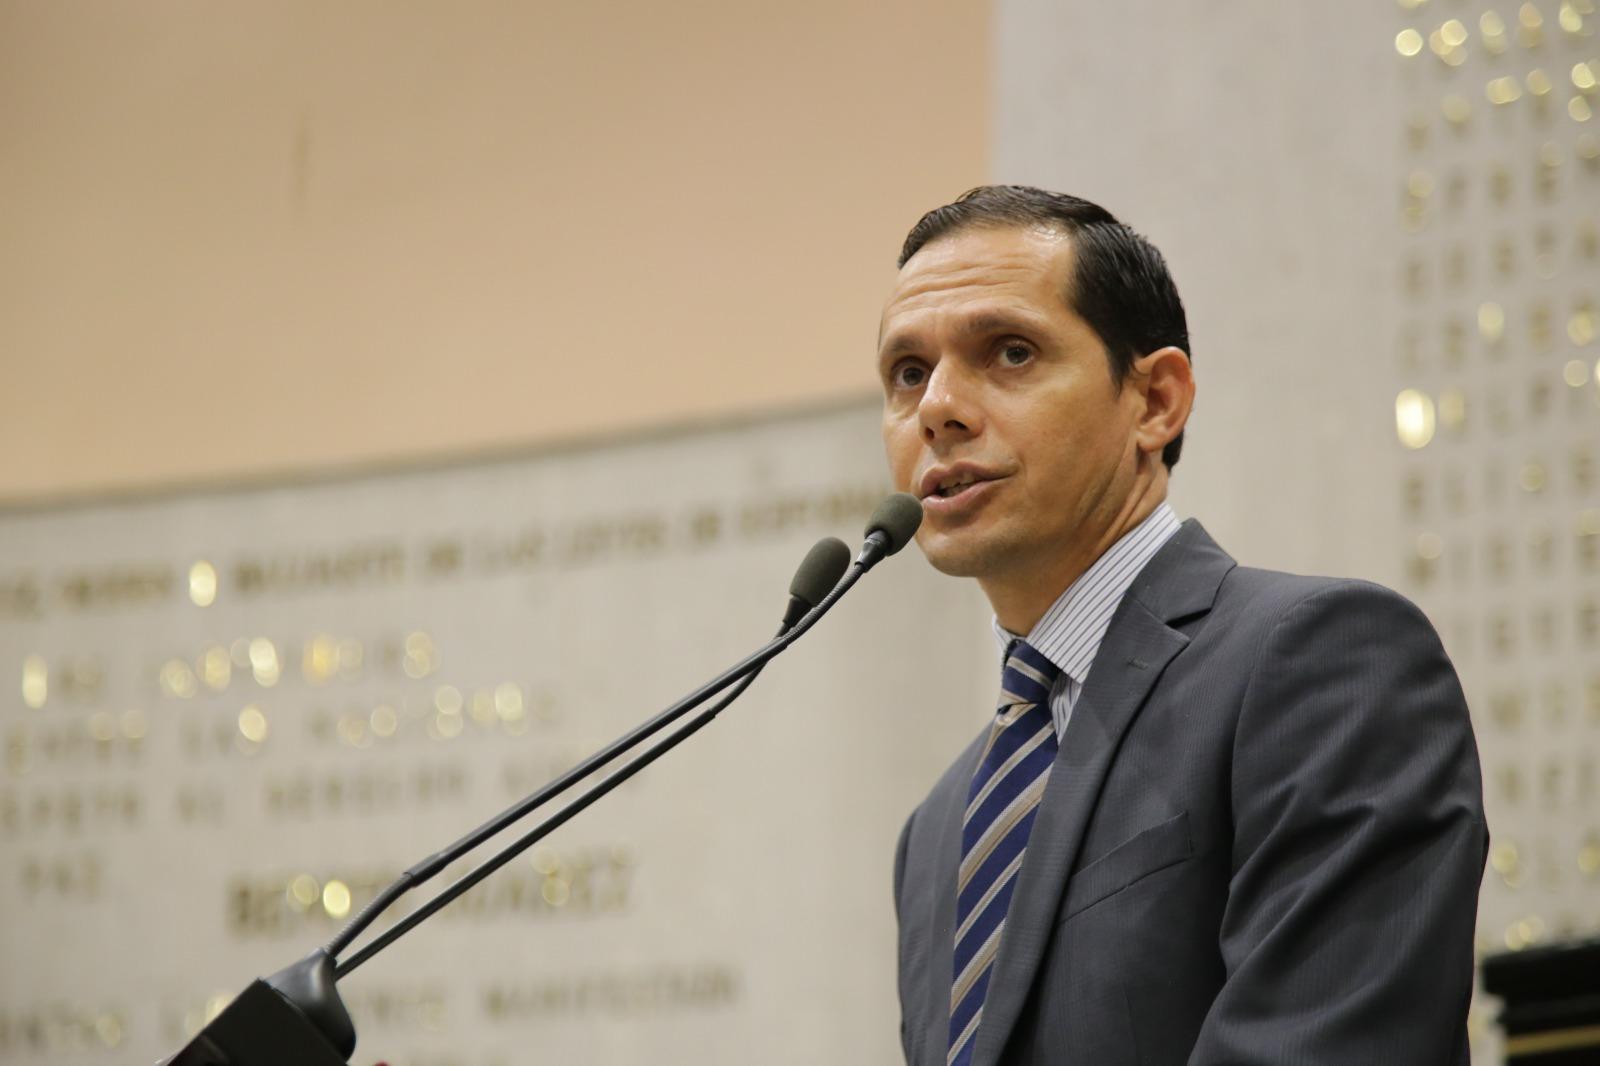 Sala Constitucional se volvió obsoleta, Pleno del Tribunal atendería sus funciones: Gregorio Murillo